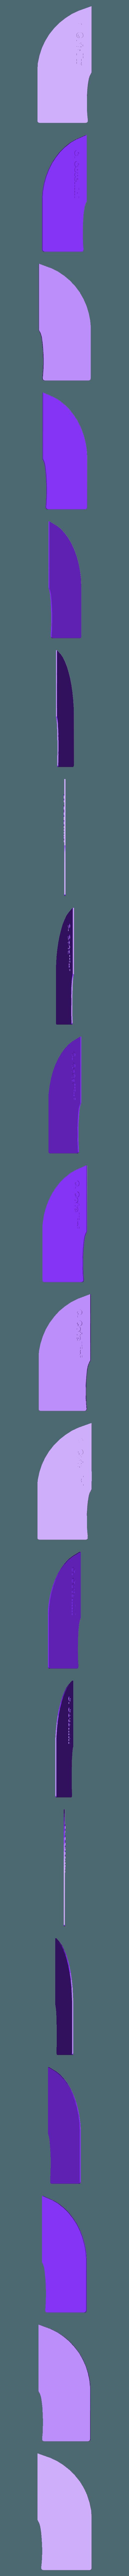 S1TopPlate.stl Télécharger fichier STL gratuit Gaine de base pour un couteau sur mesure (couteau inclus) • Design à imprimer en 3D, Milan_Gajic